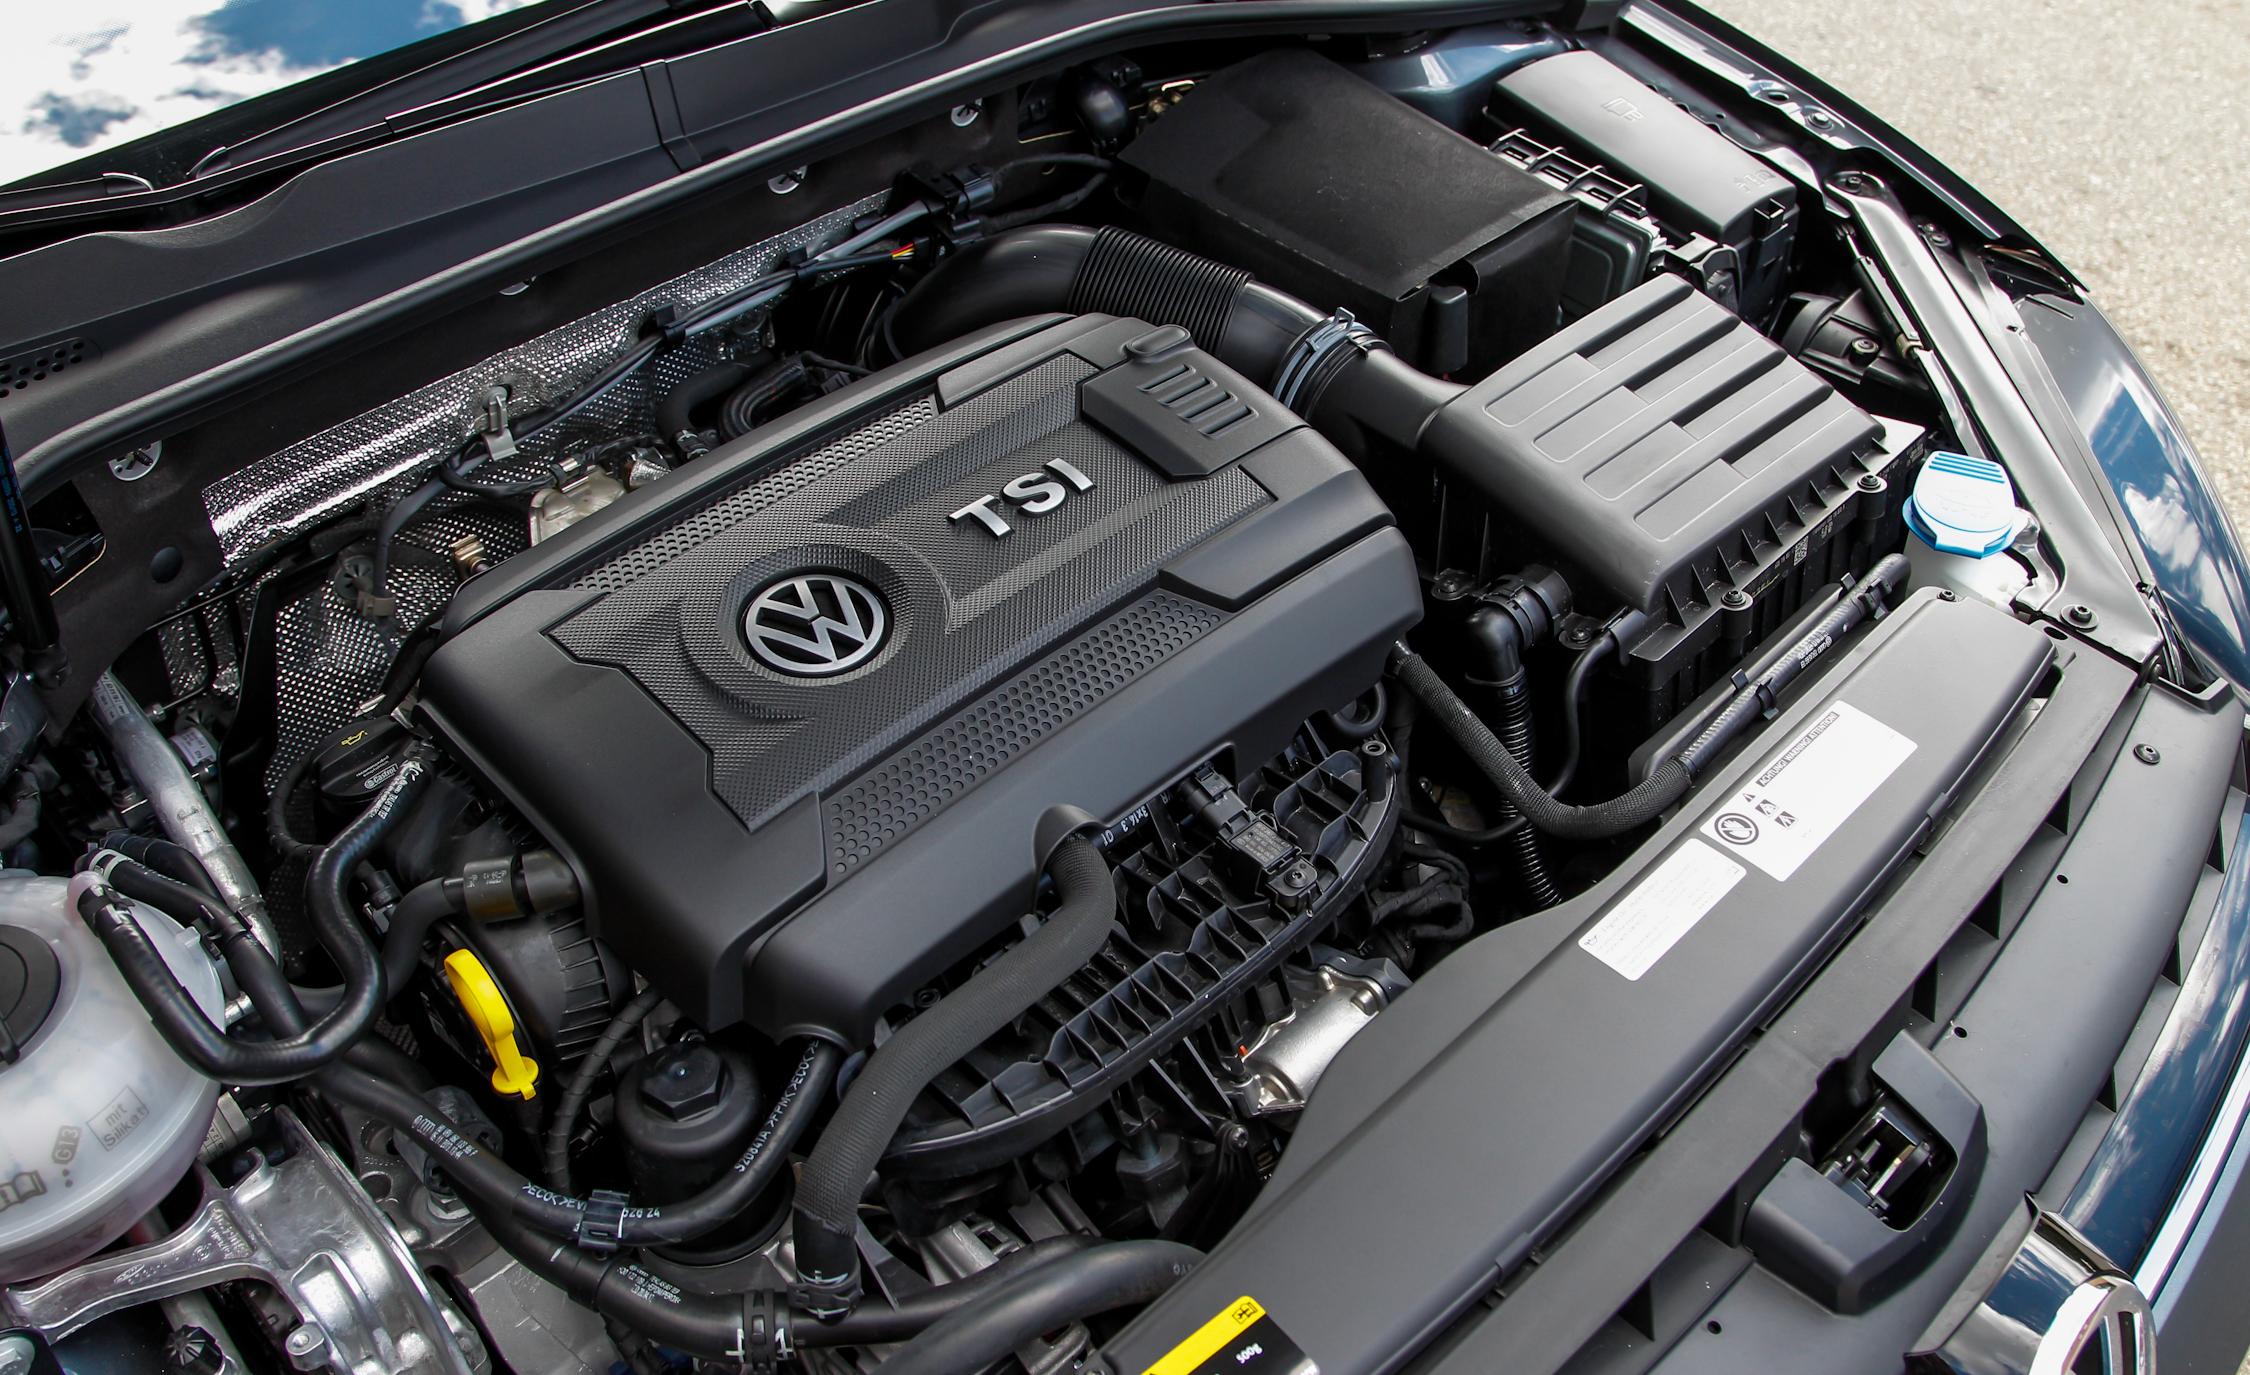 2015 Volkswagen Golf 1.8T TSI Turbocharged 1.8-Liter Inline-4 Engine